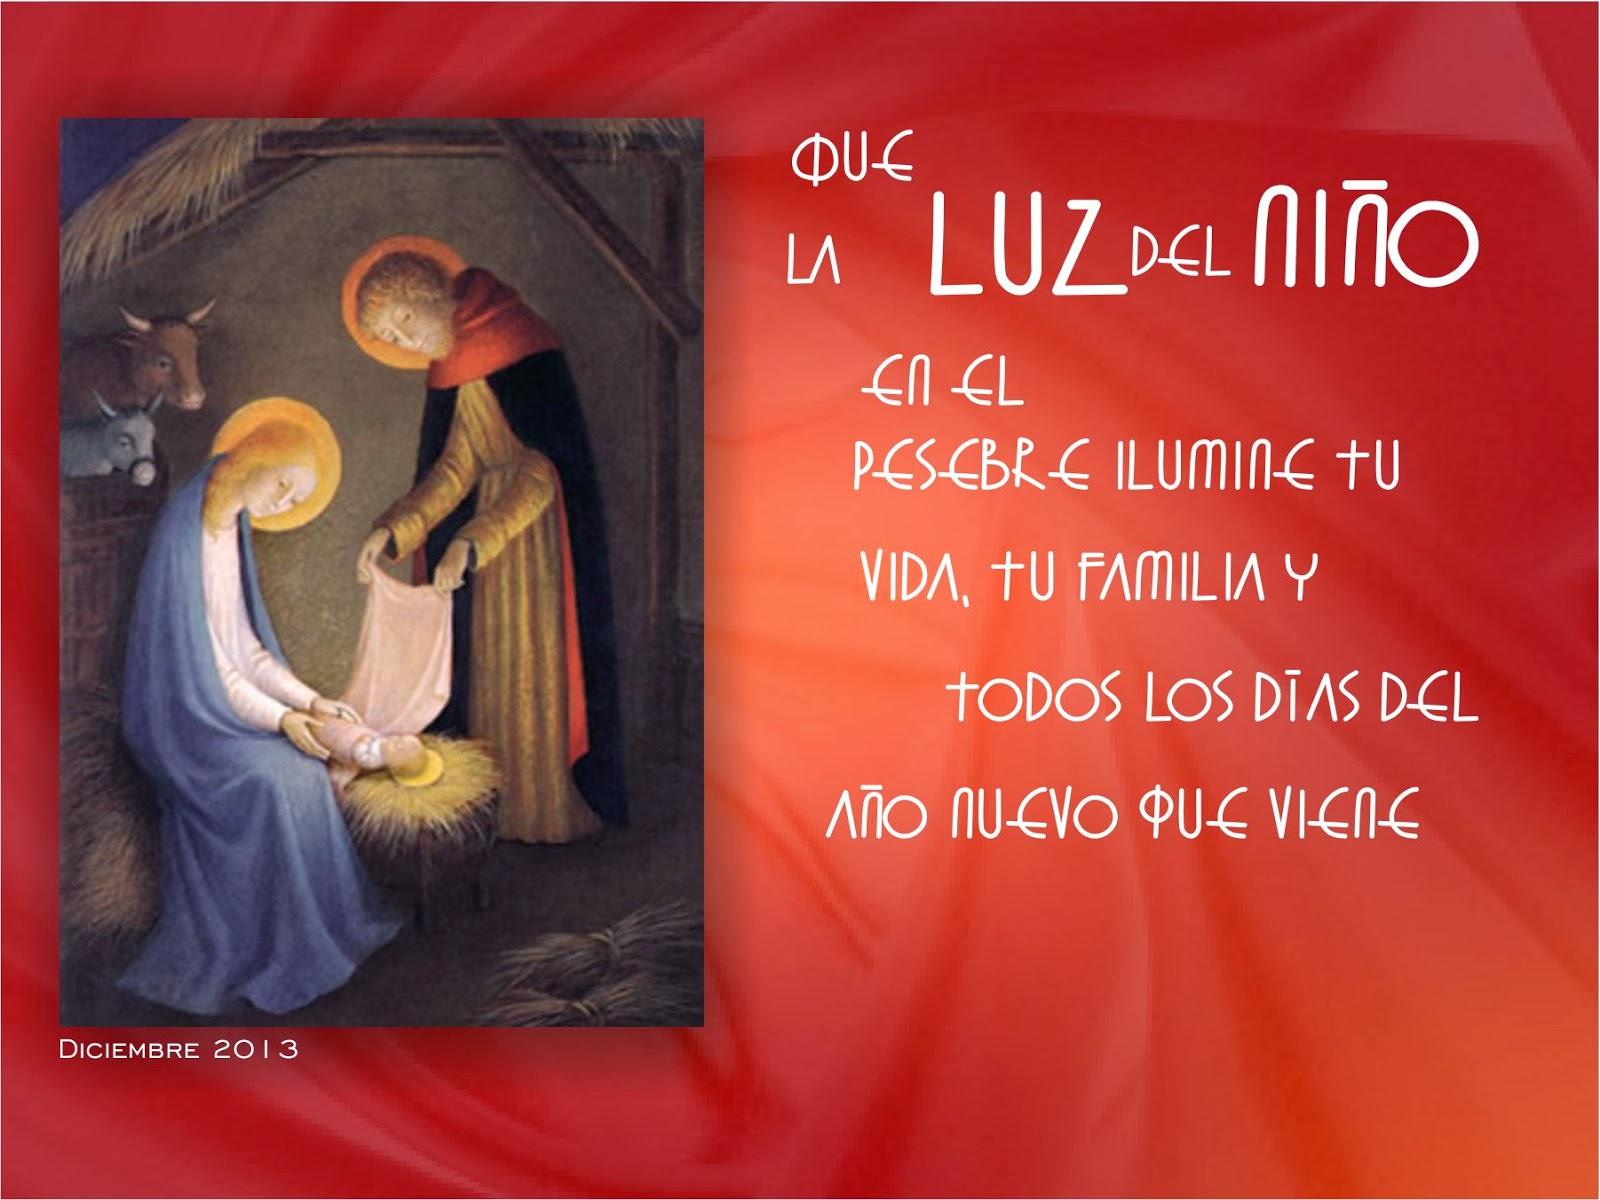 Tarjetas y oraciones catolicas tarjetas navide as - Tarjetas navidenas cristianas ...